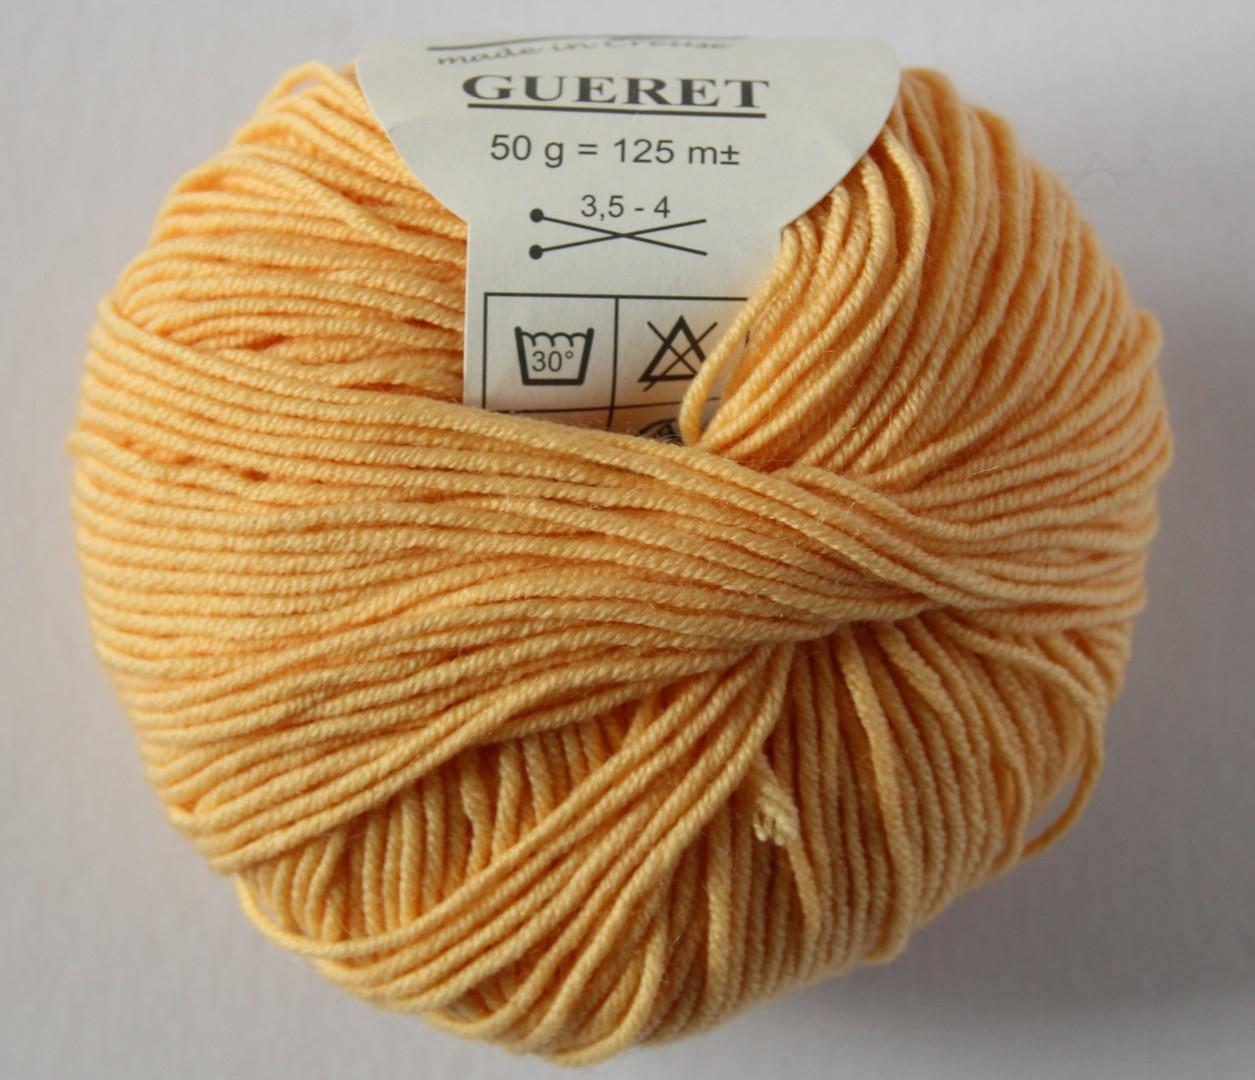 FGUERET23 (1) (Large)